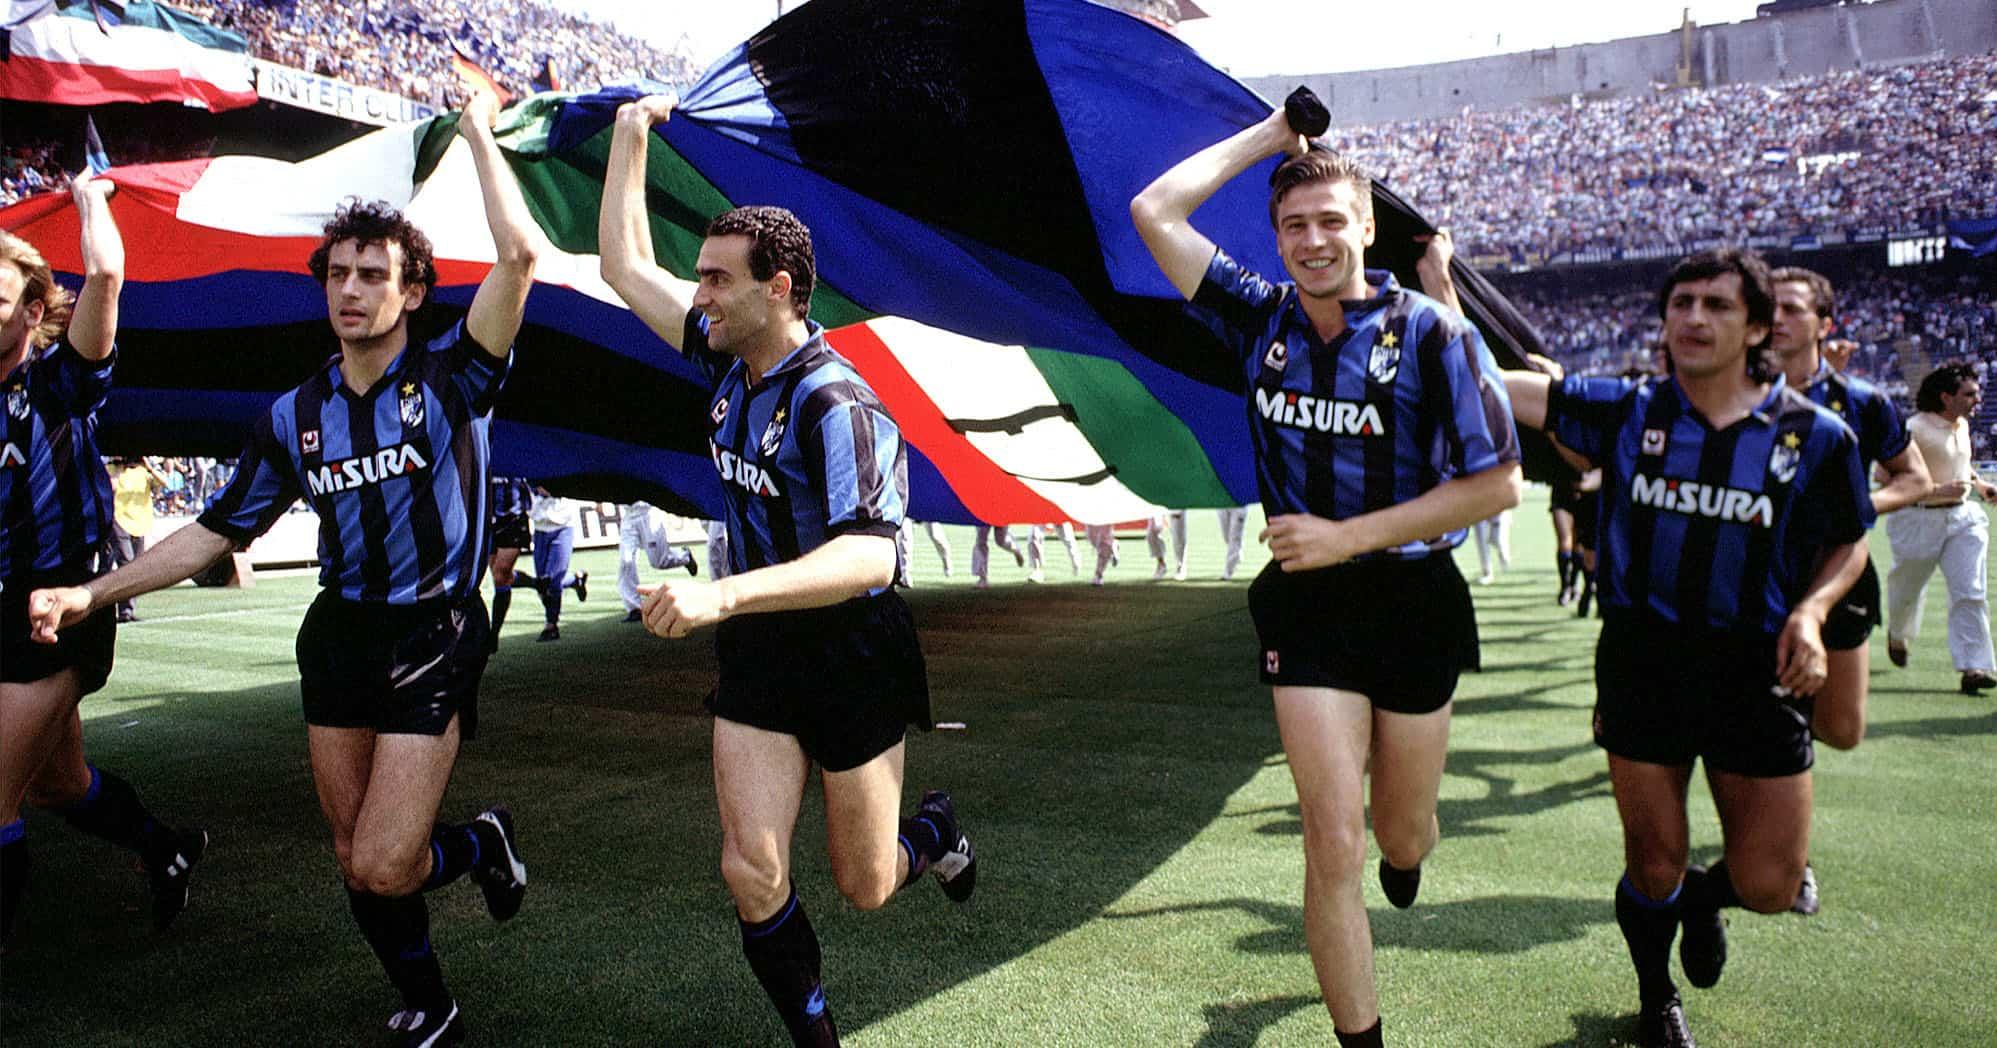 L'Inter, centodieci anni di storia, storie e immagini